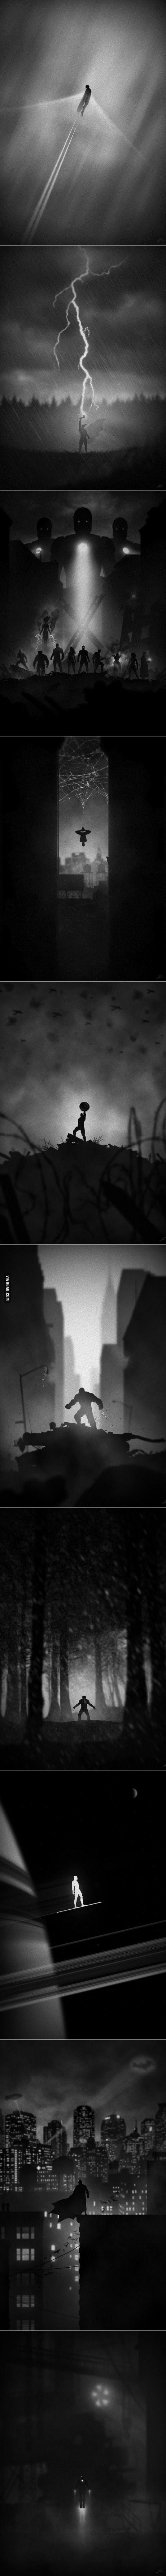 Amazing Superhero Posters